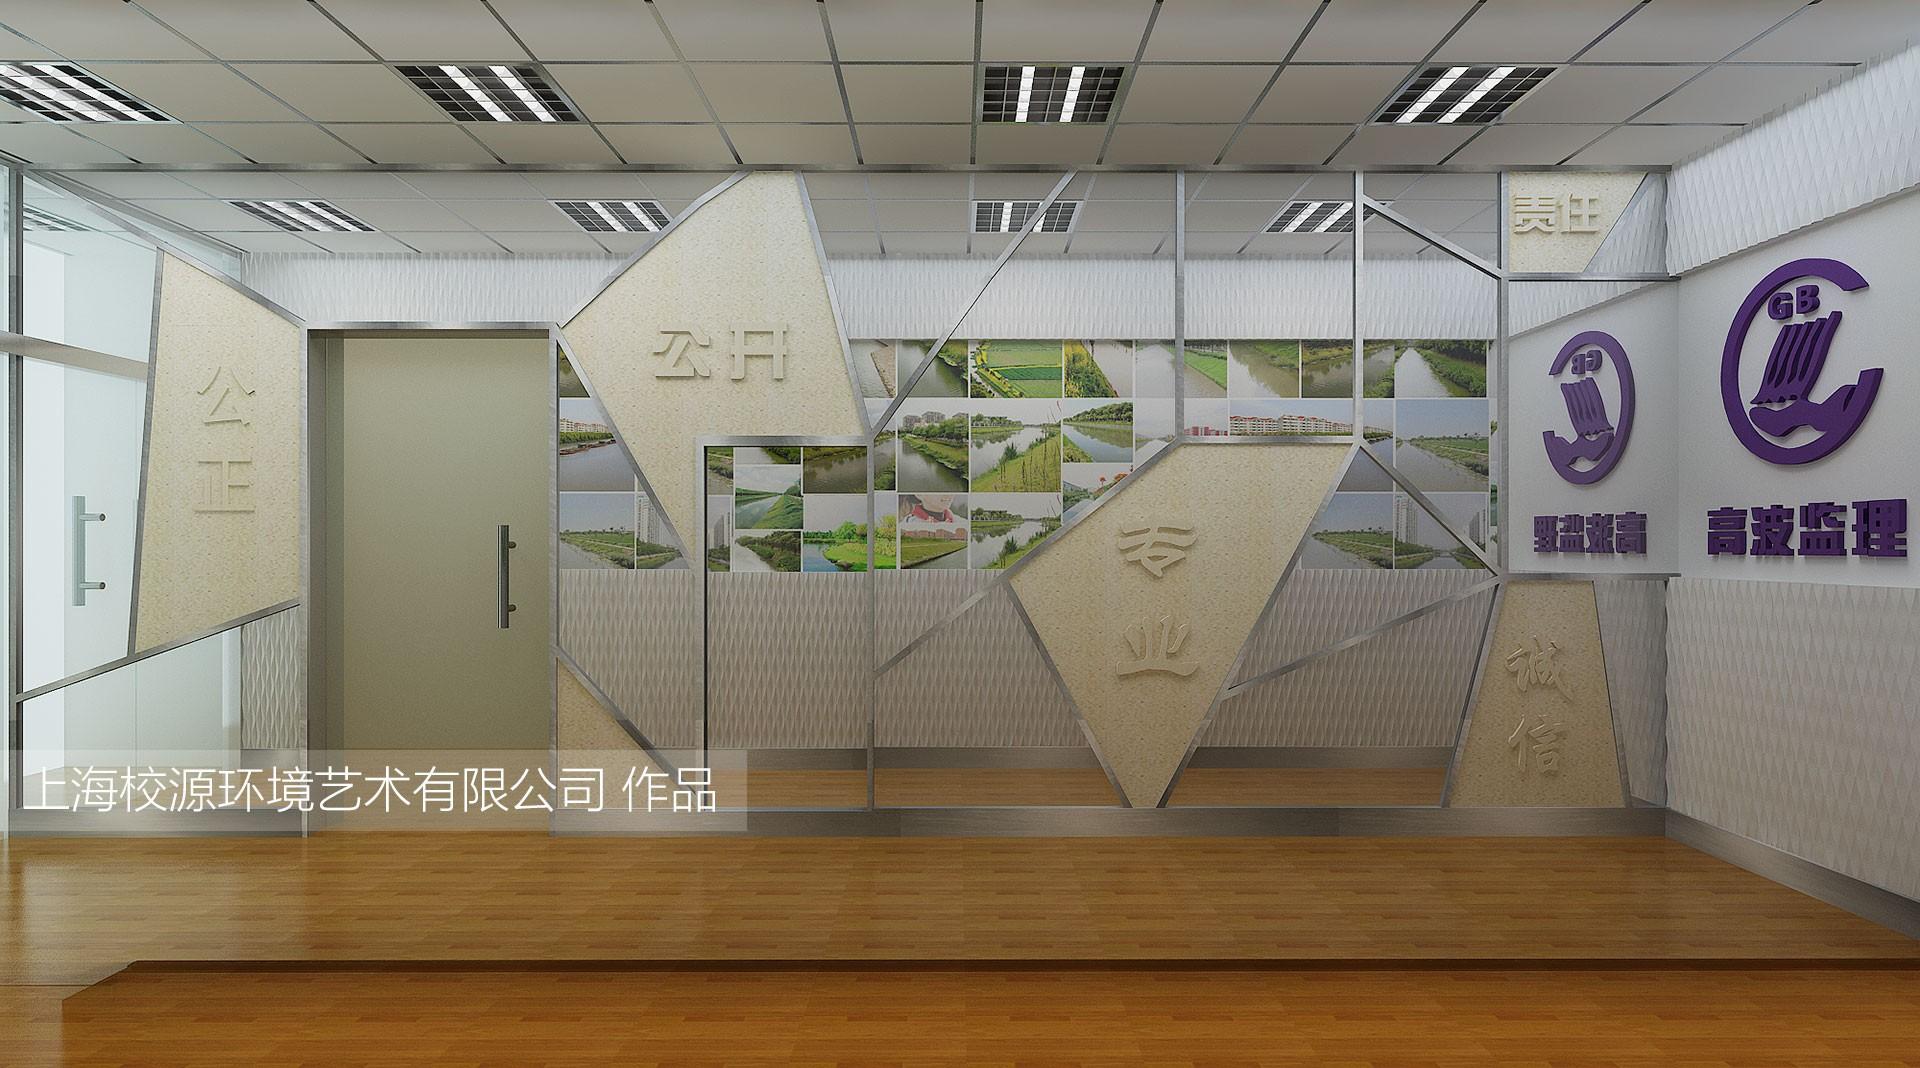 上海高波工程咨询监理有限公司企业文化